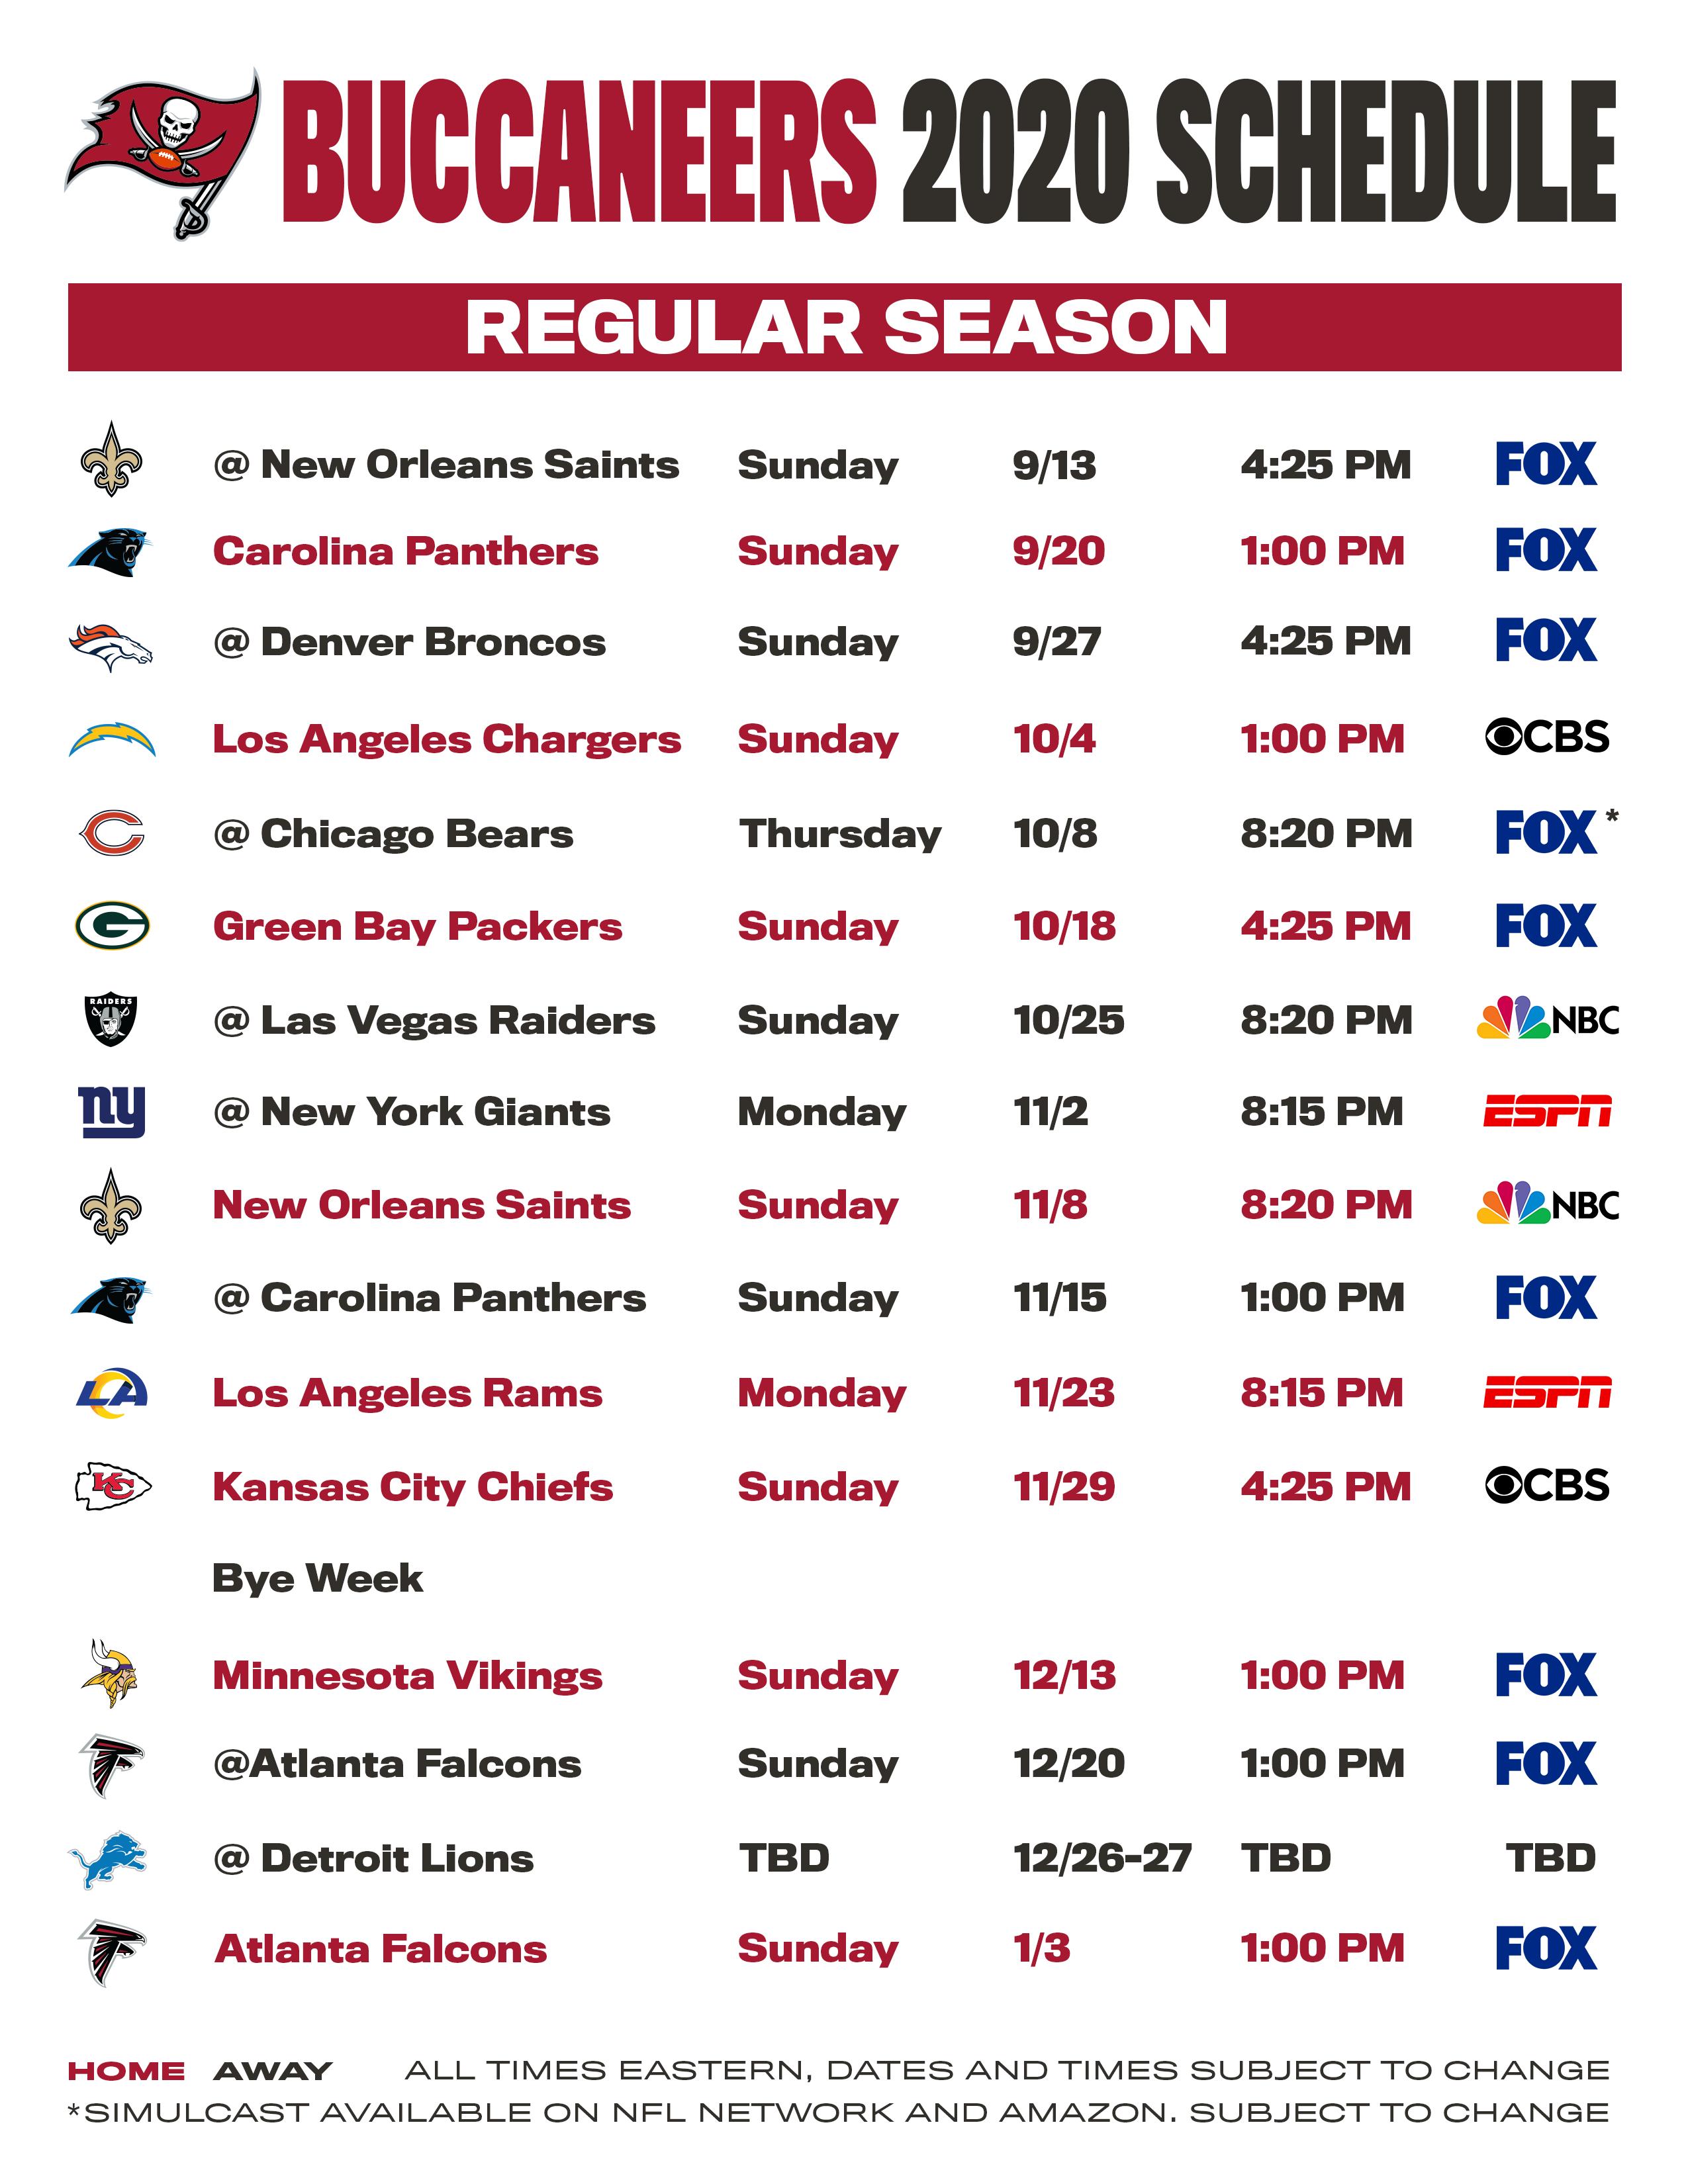 Buccaneers Schedule Tampa Bay Buccaneers Buccaneers Com